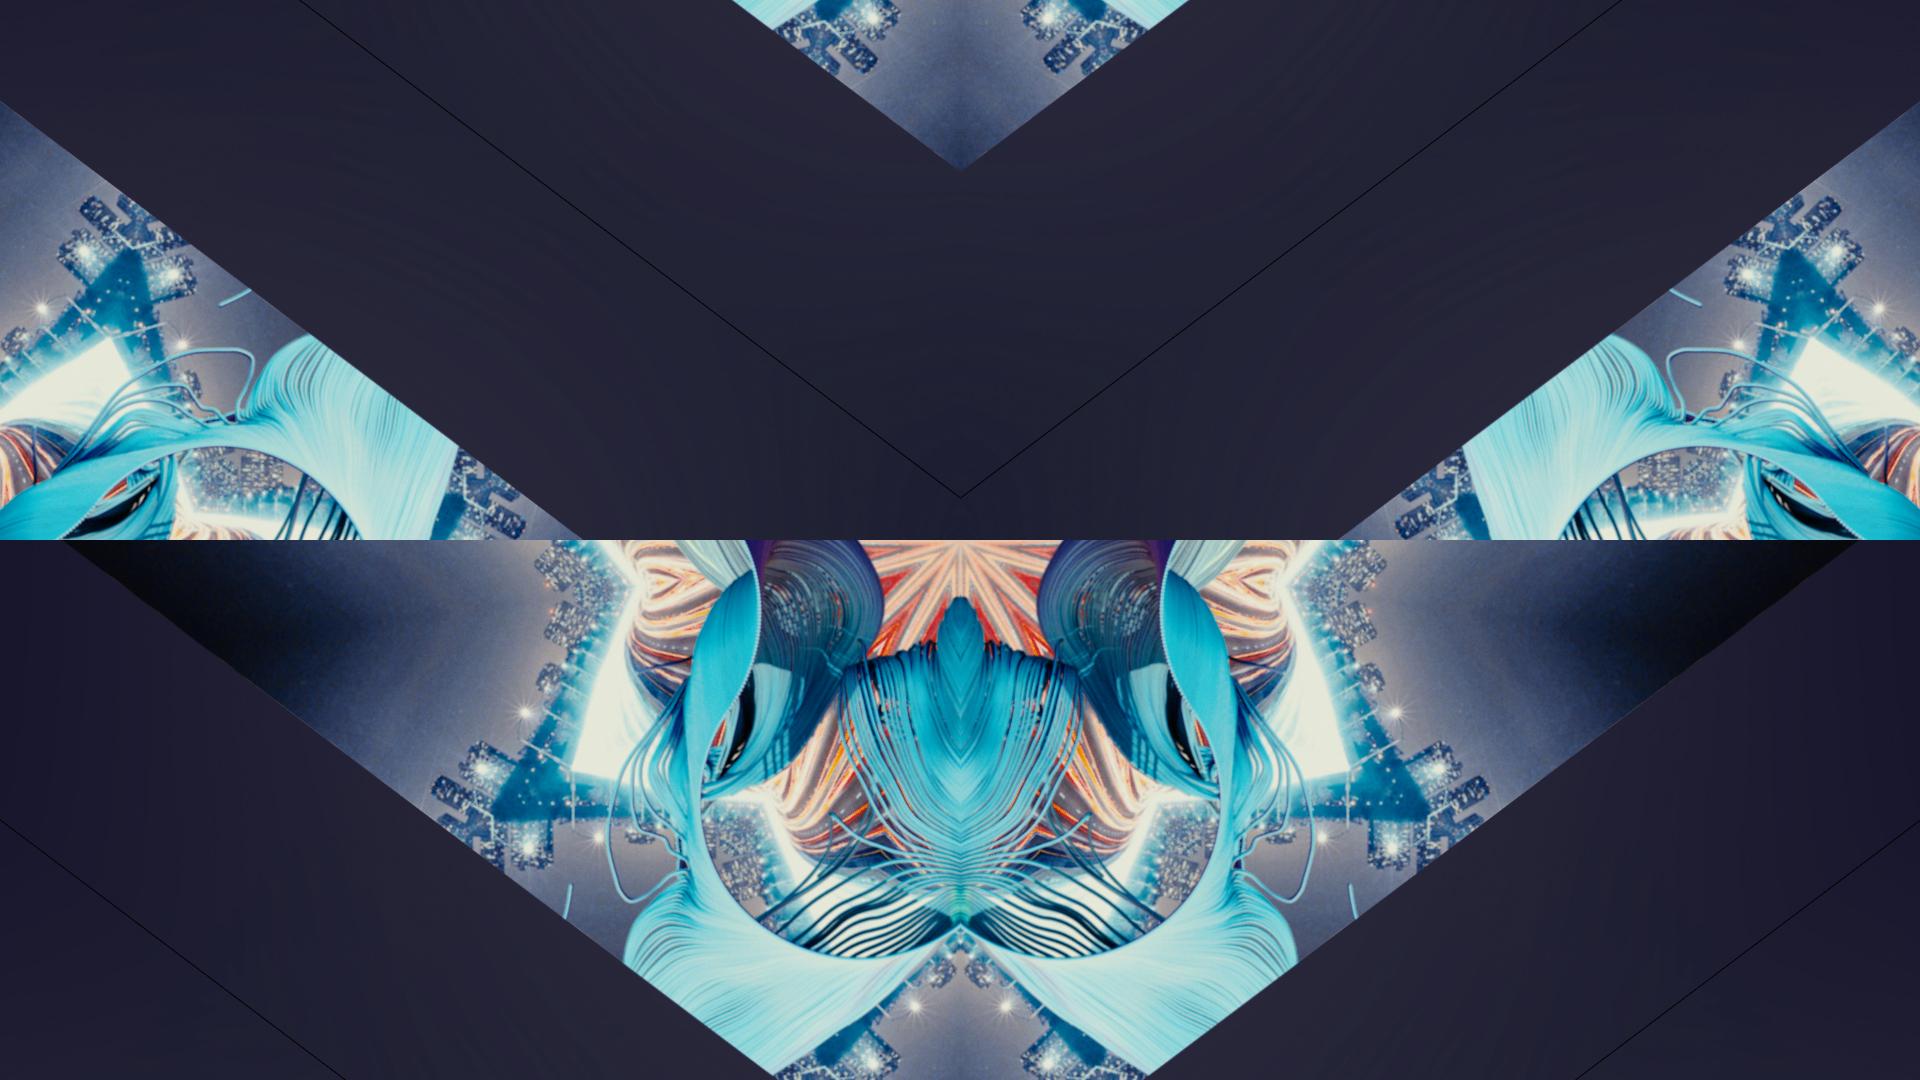 A_Styleframe_v02.jpg